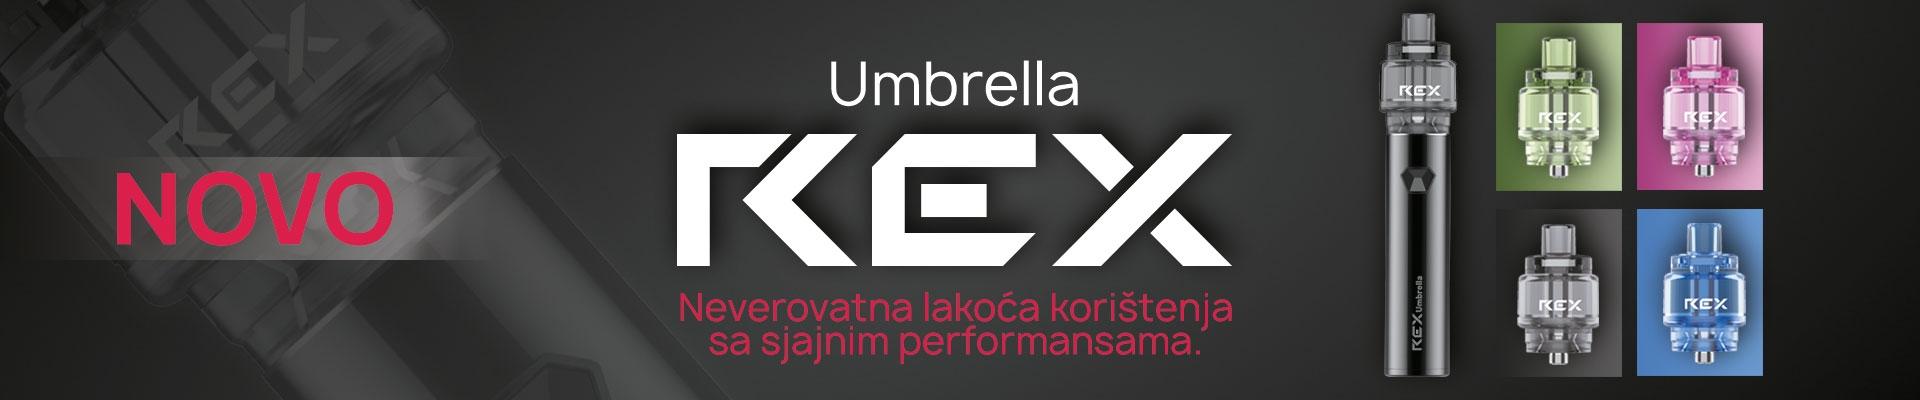 Umbrella REX elektronska cigareta